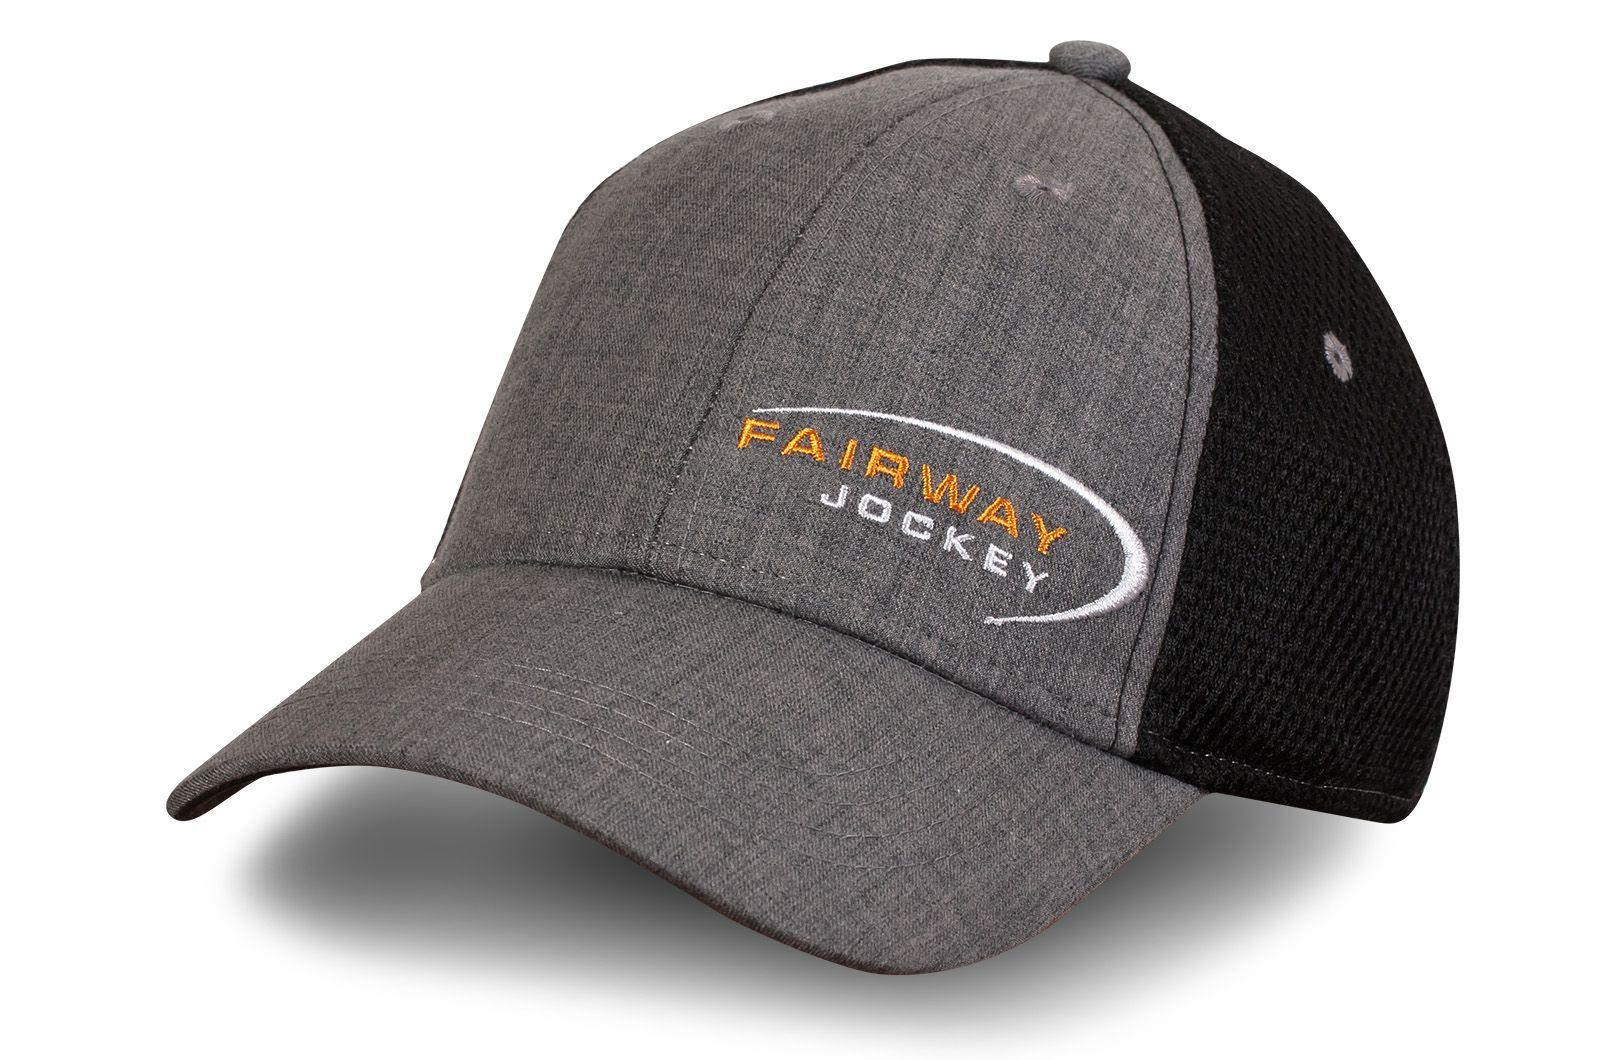 Бейсболка для гольфа Fairway Jockey